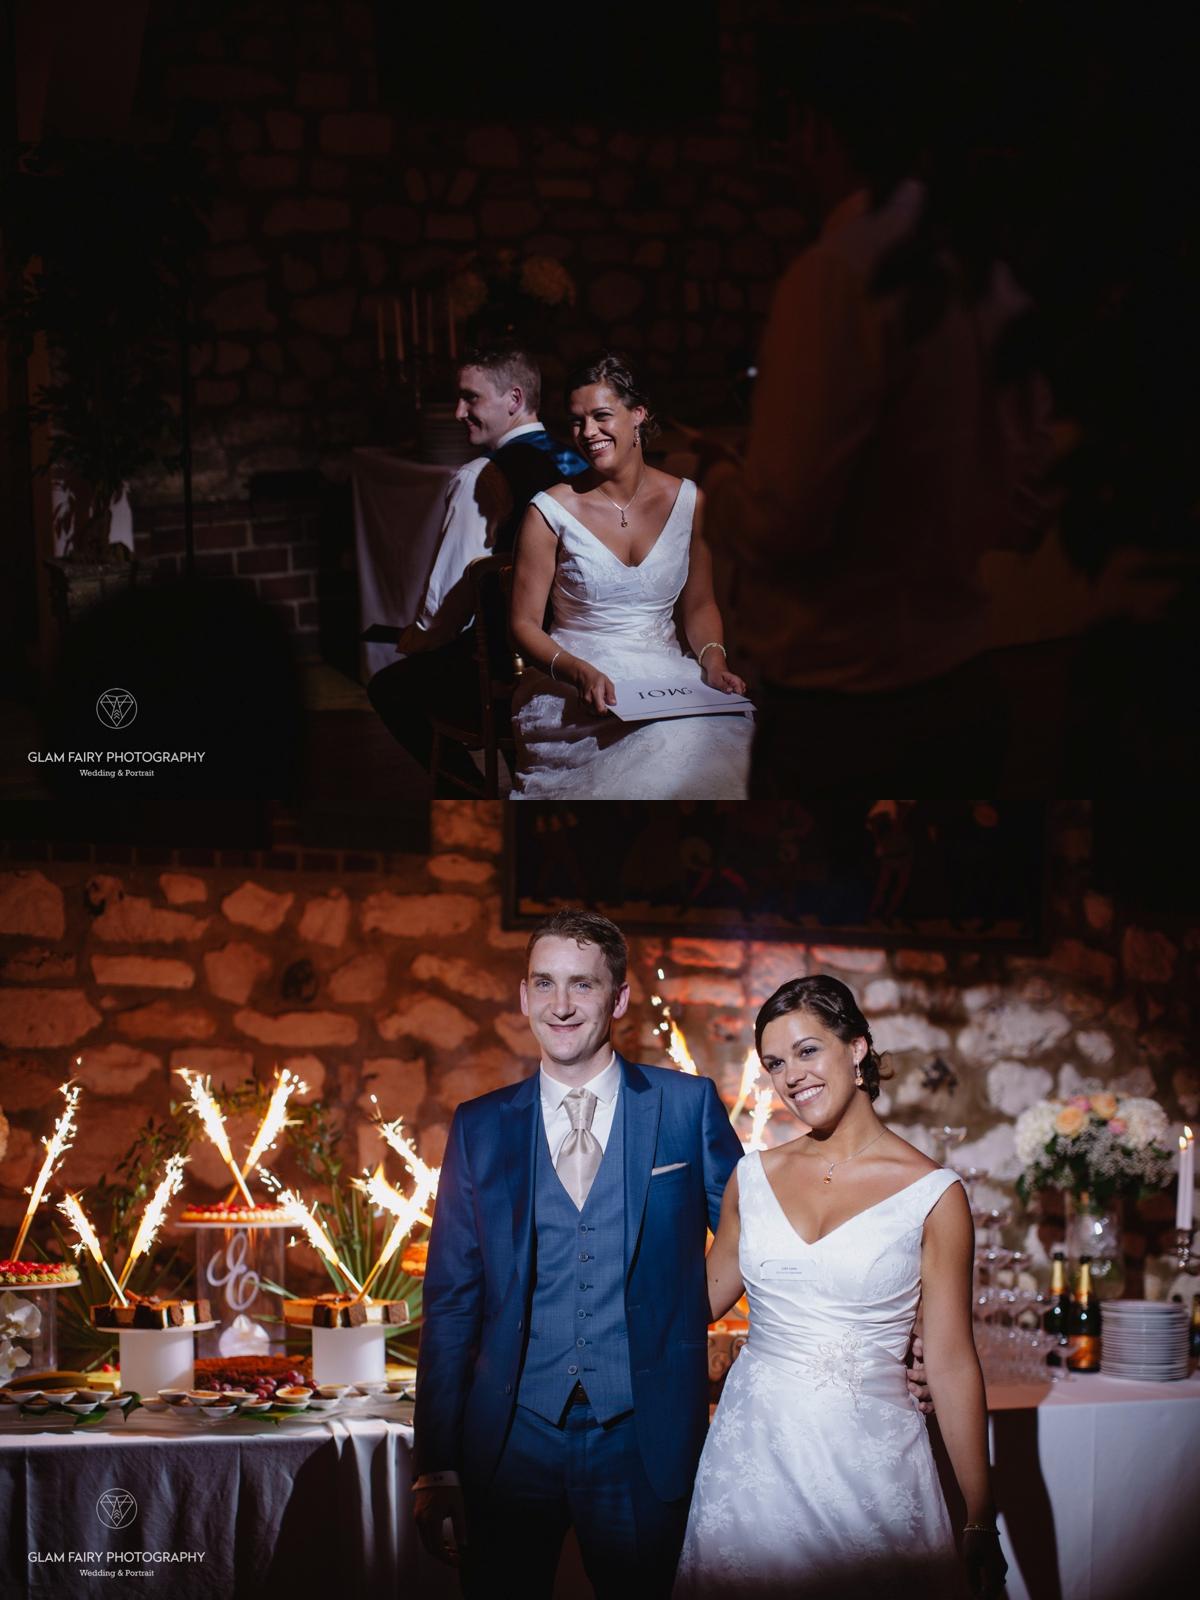 glamfairyphotography-mariage-manoir-de-portejoie-anais_0071